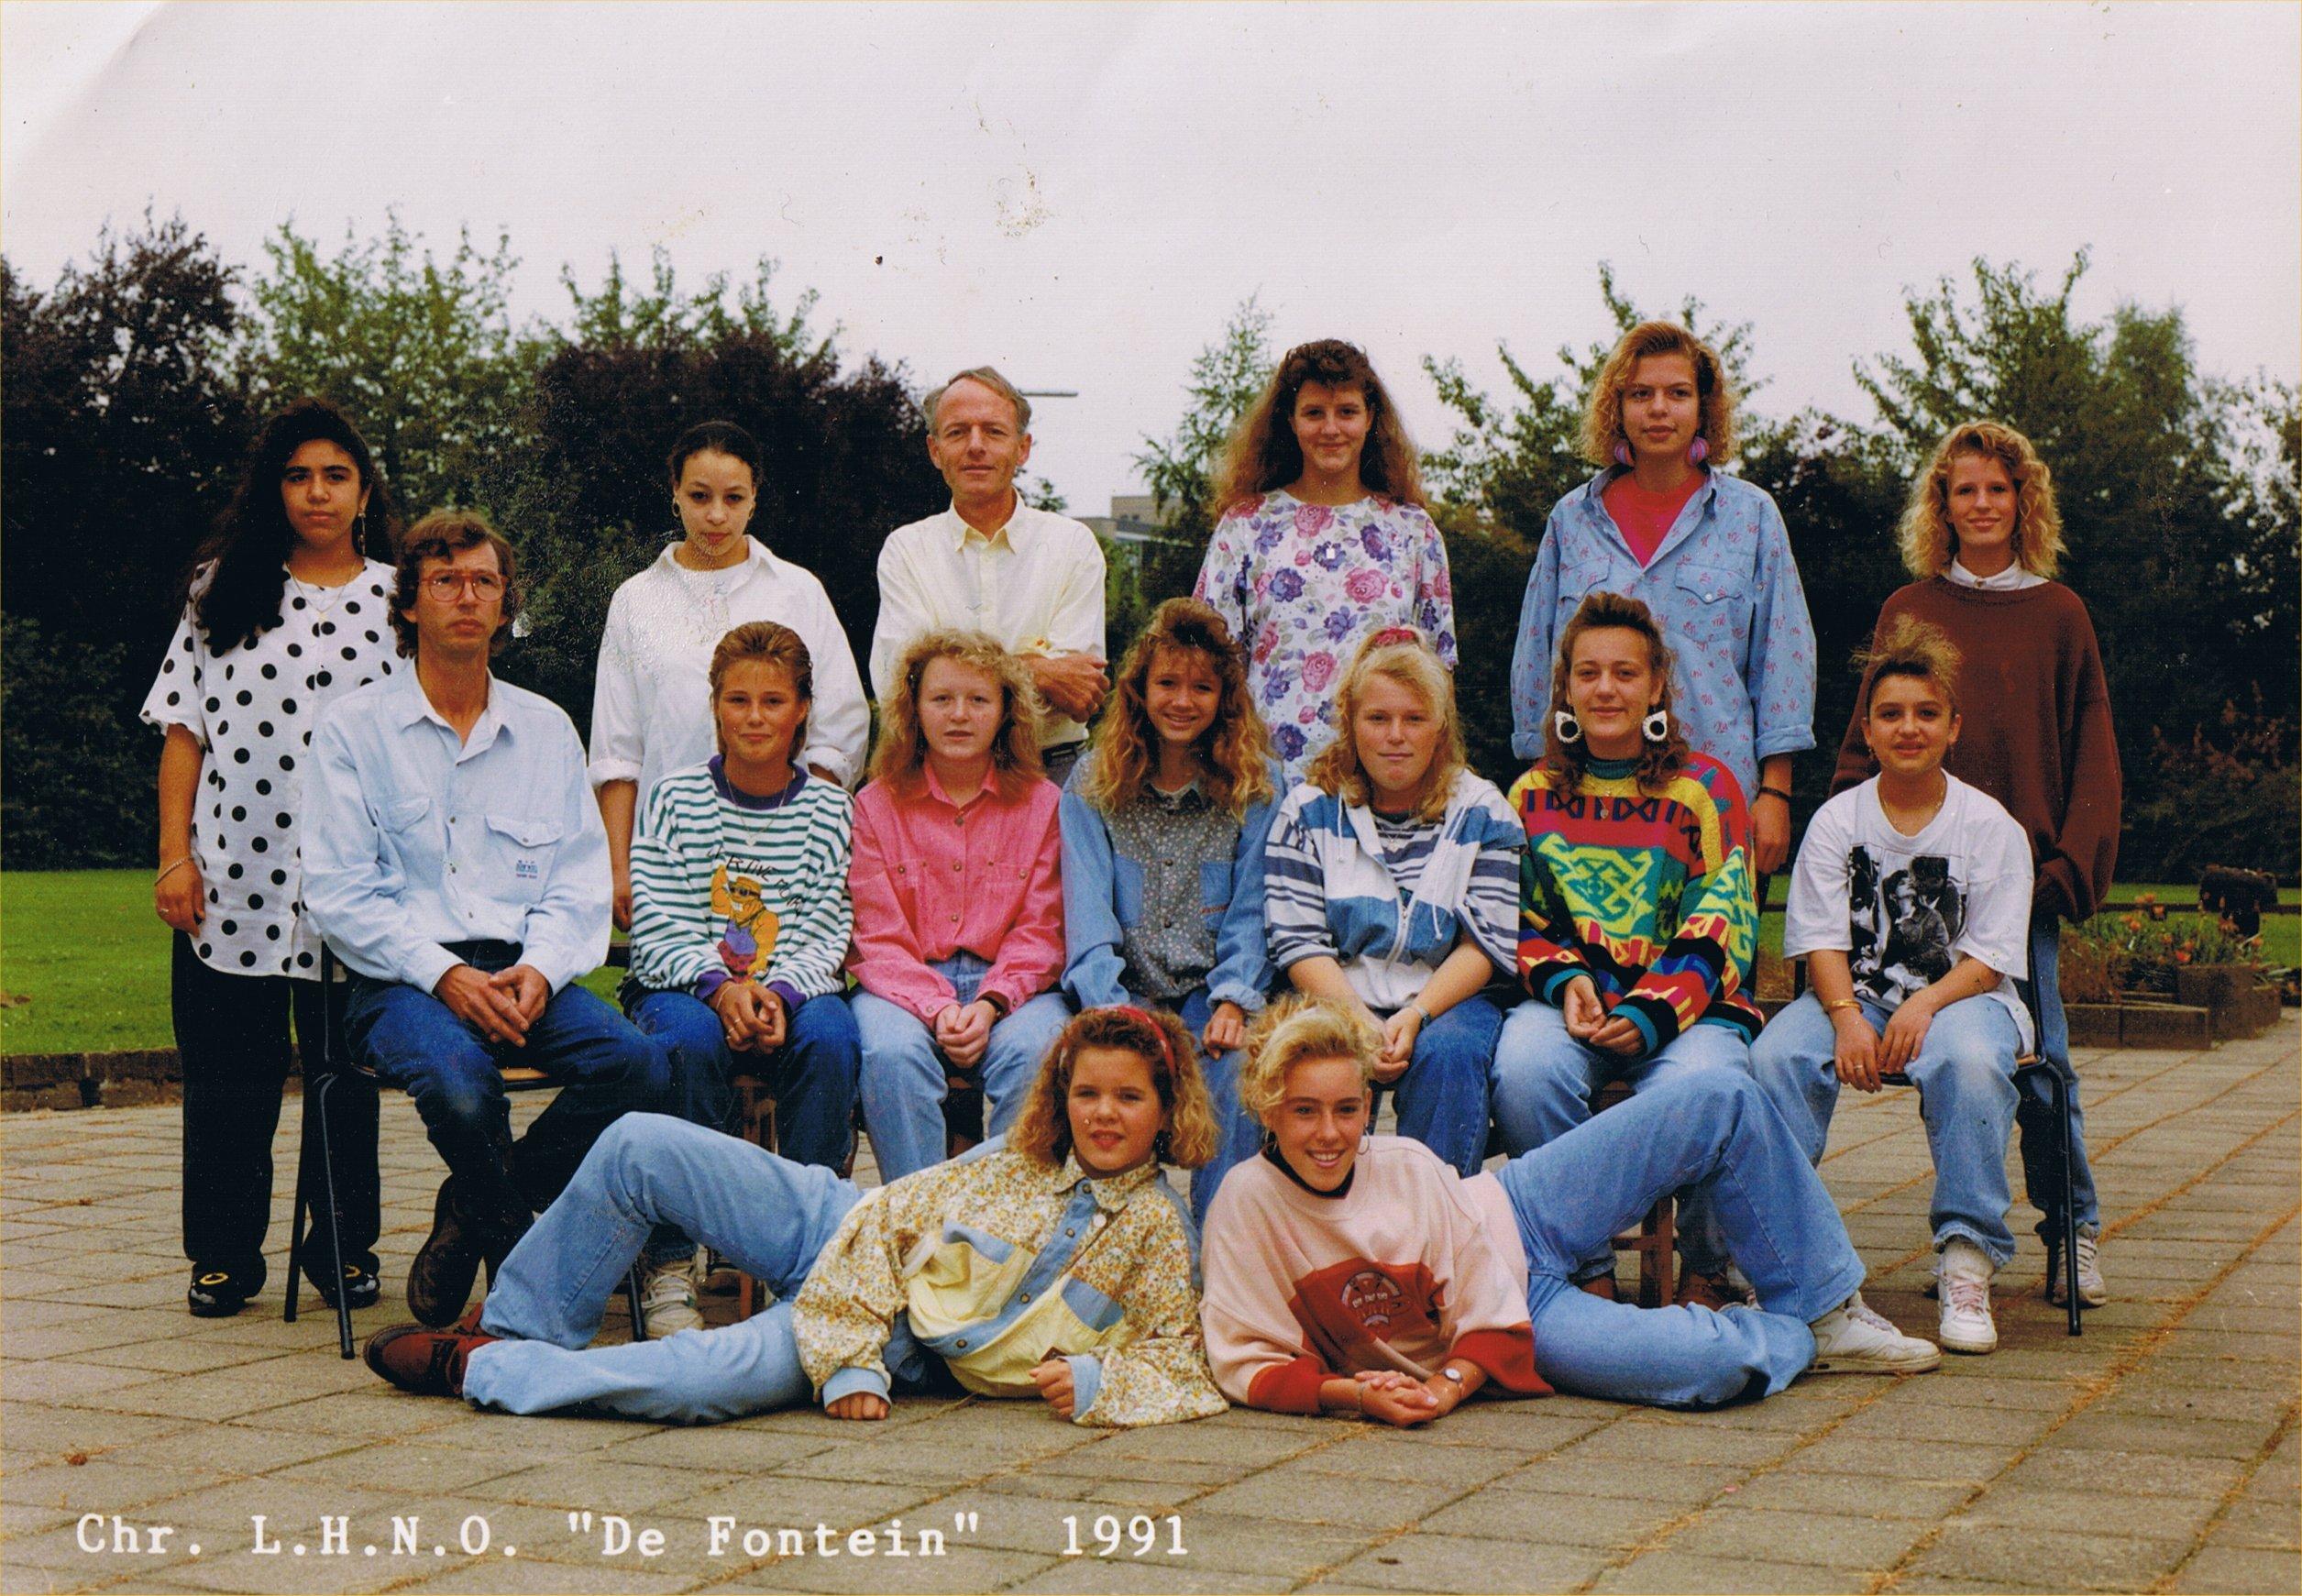 L.h.n.o. de Fontijn foto